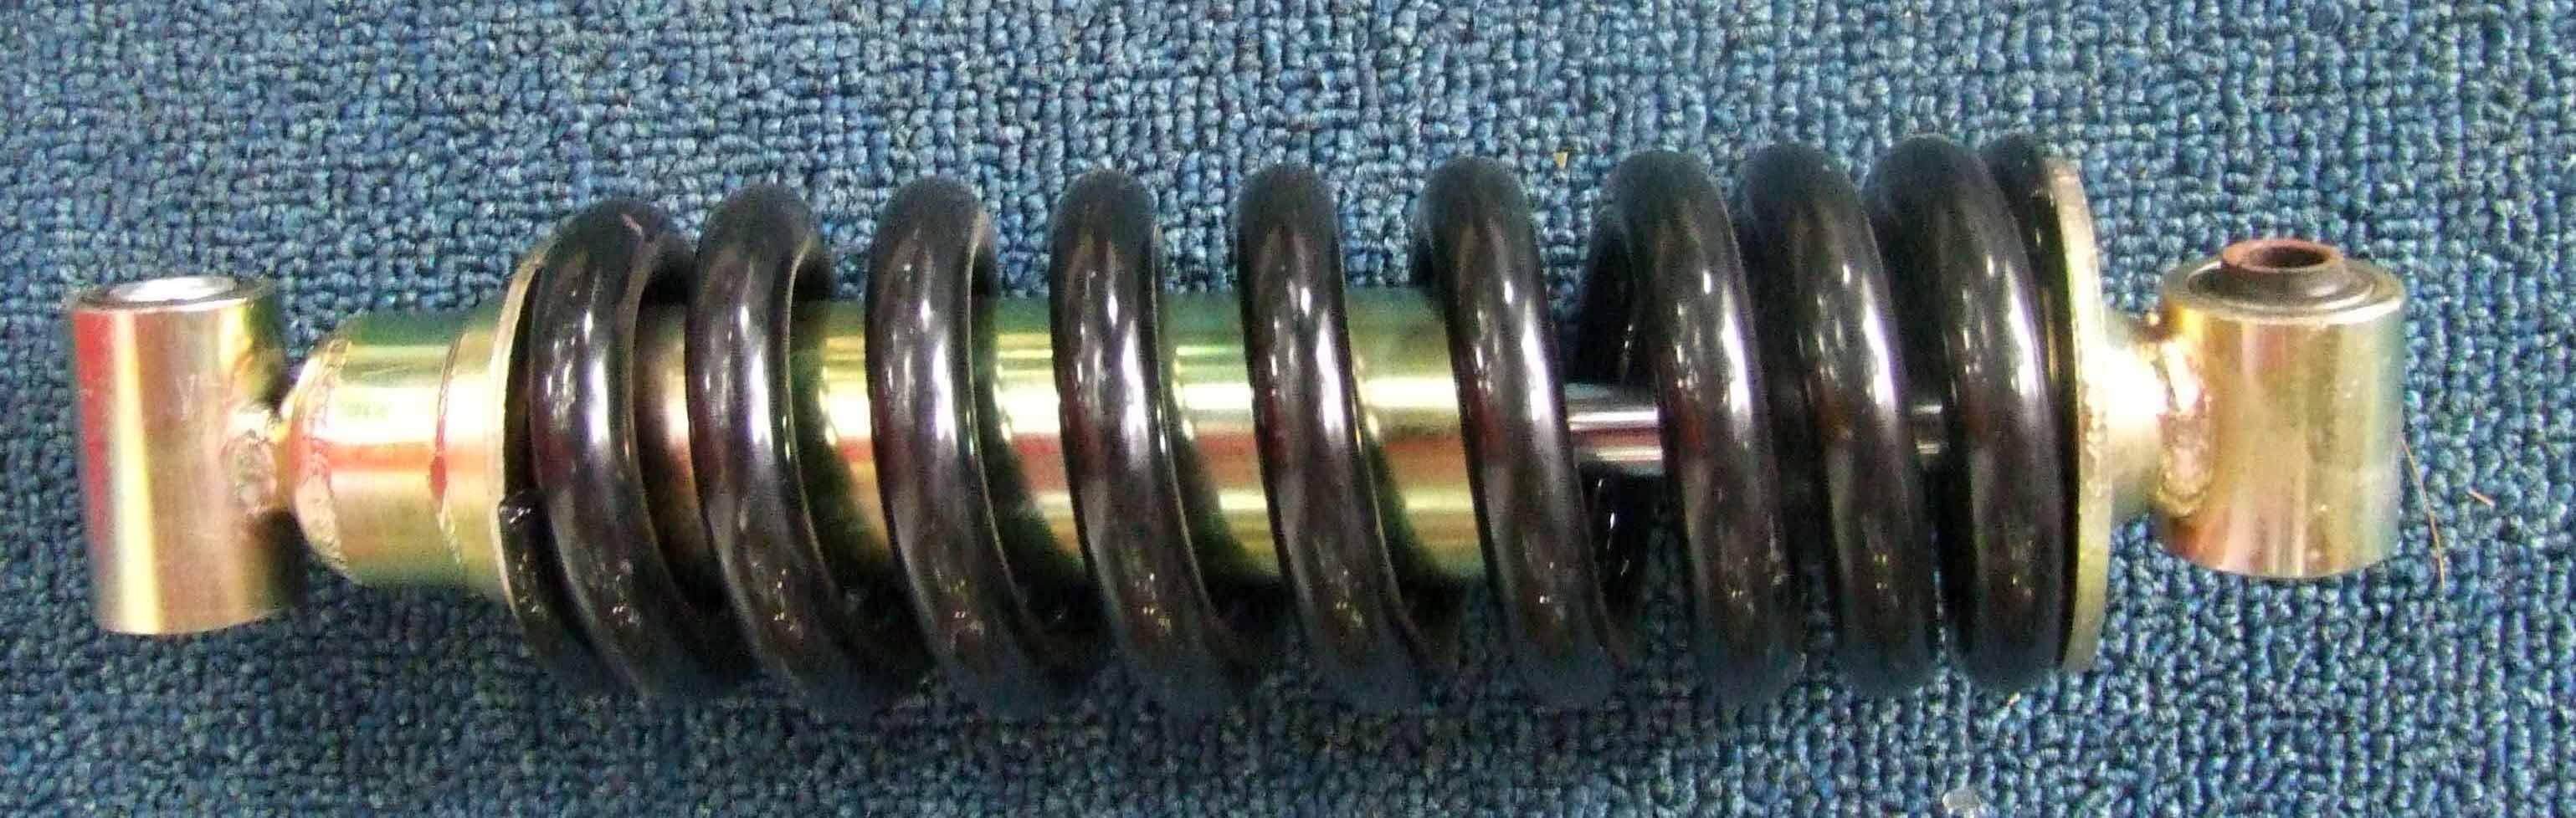 XL Rear shock absorber